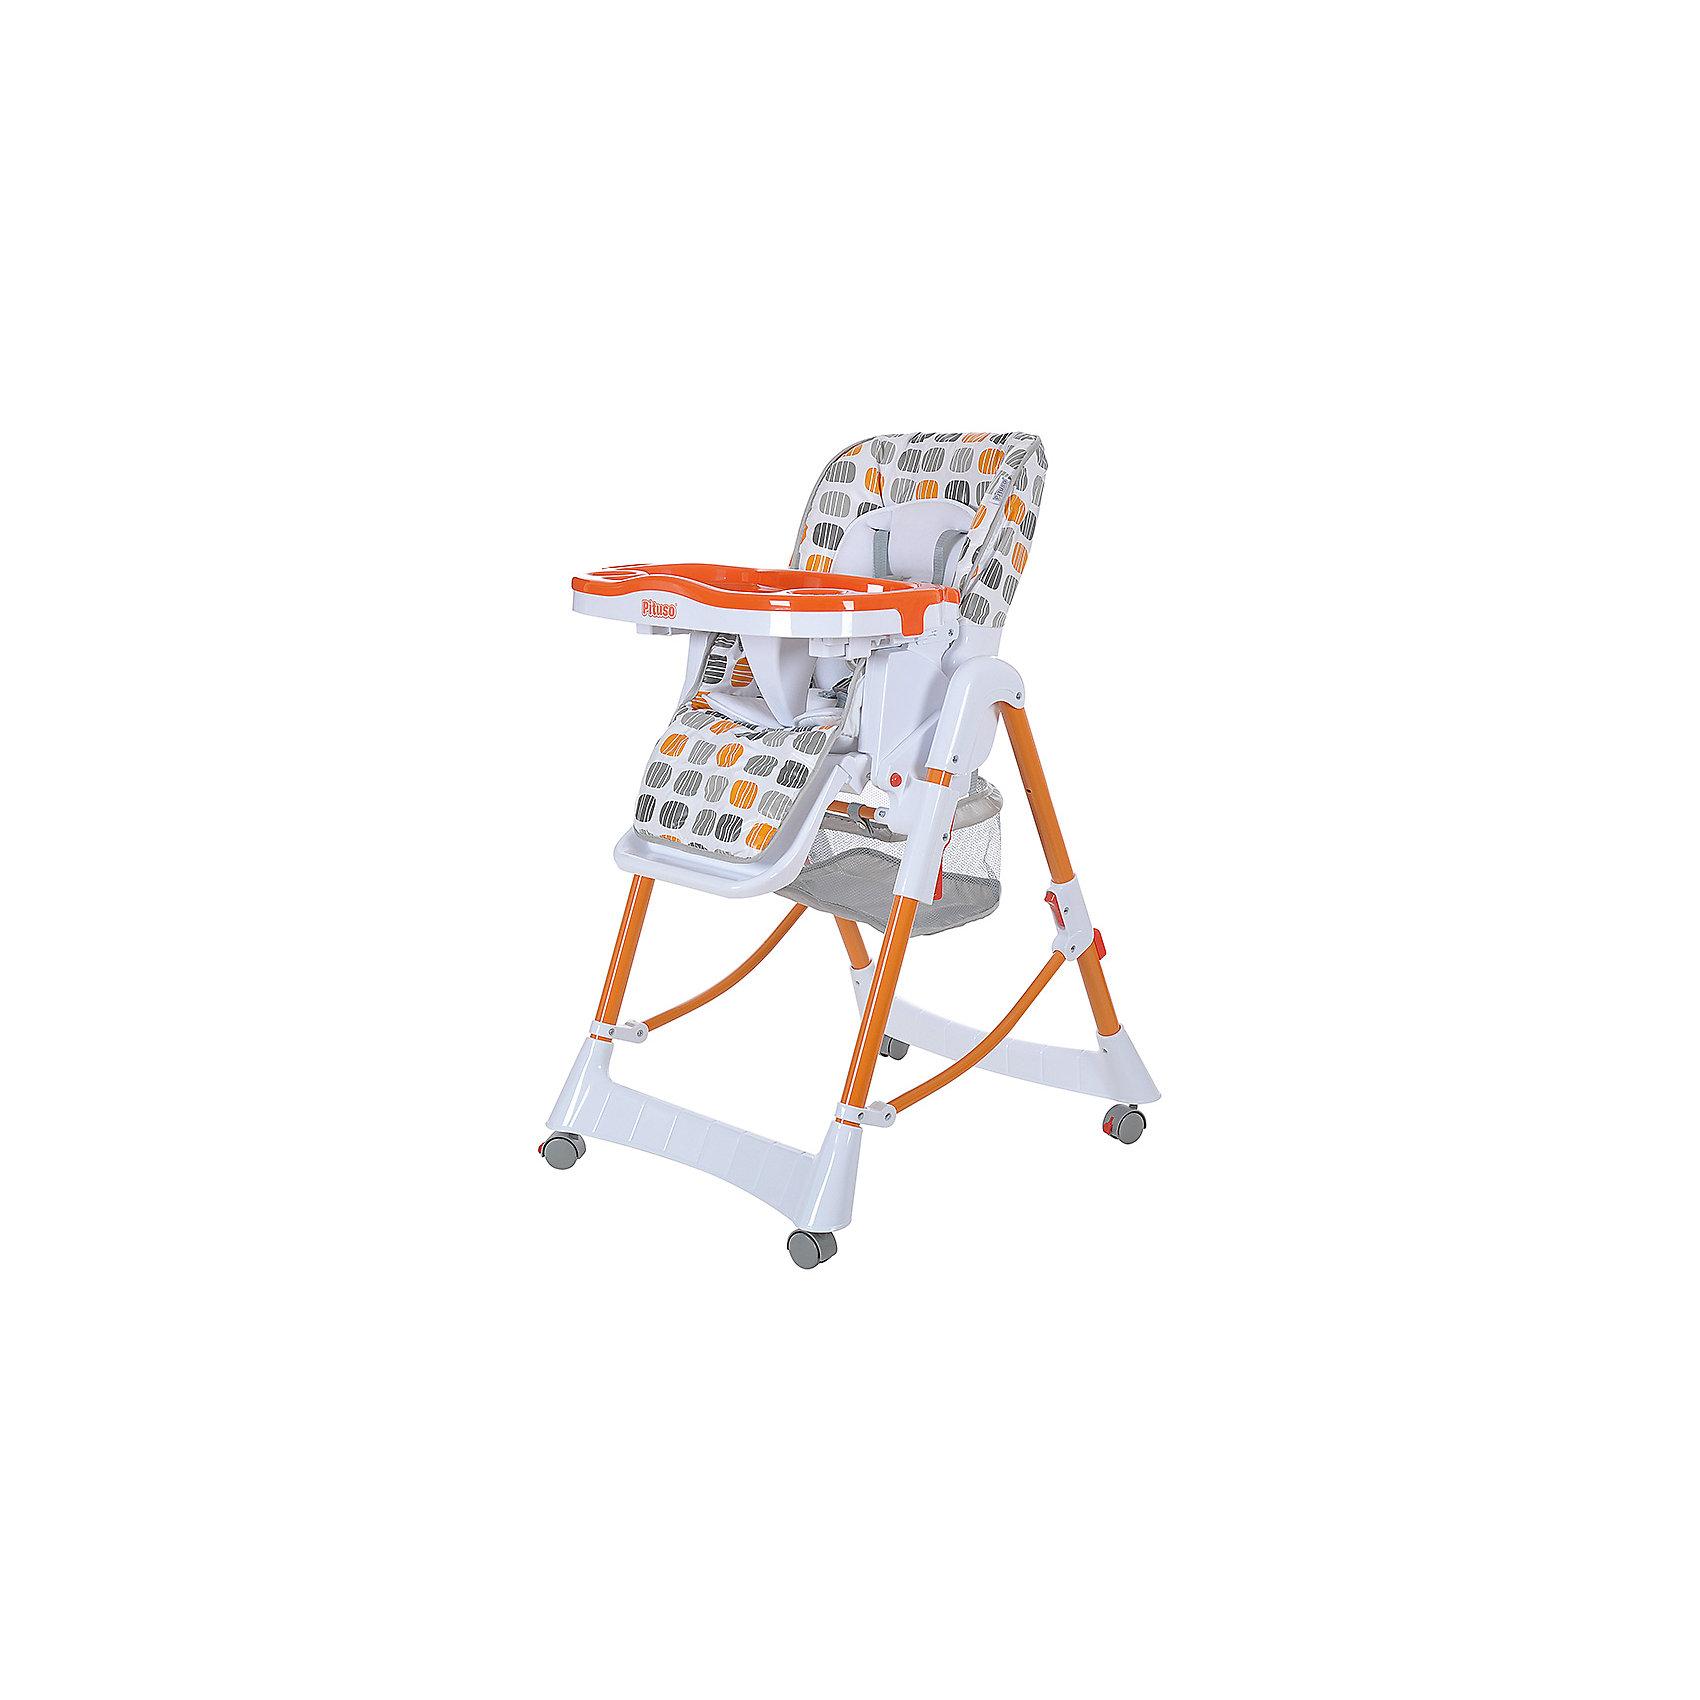 Стульчик для кормления Nino Diamonds, Pituso, оранжевый/серыйСтульчики для кормления<br>PITUSO Стул для кормления NINO, ORANGE-GREY DIAMONDS, оранж./сер.(оранж.столеш.,вкладыш)<br><br>Ширина мм: 700<br>Глубина мм: 480<br>Высота мм: 280<br>Вес г: 9530<br>Возраст от месяцев: 6<br>Возраст до месяцев: 36<br>Пол: Унисекс<br>Возраст: Детский<br>SKU: 5582111